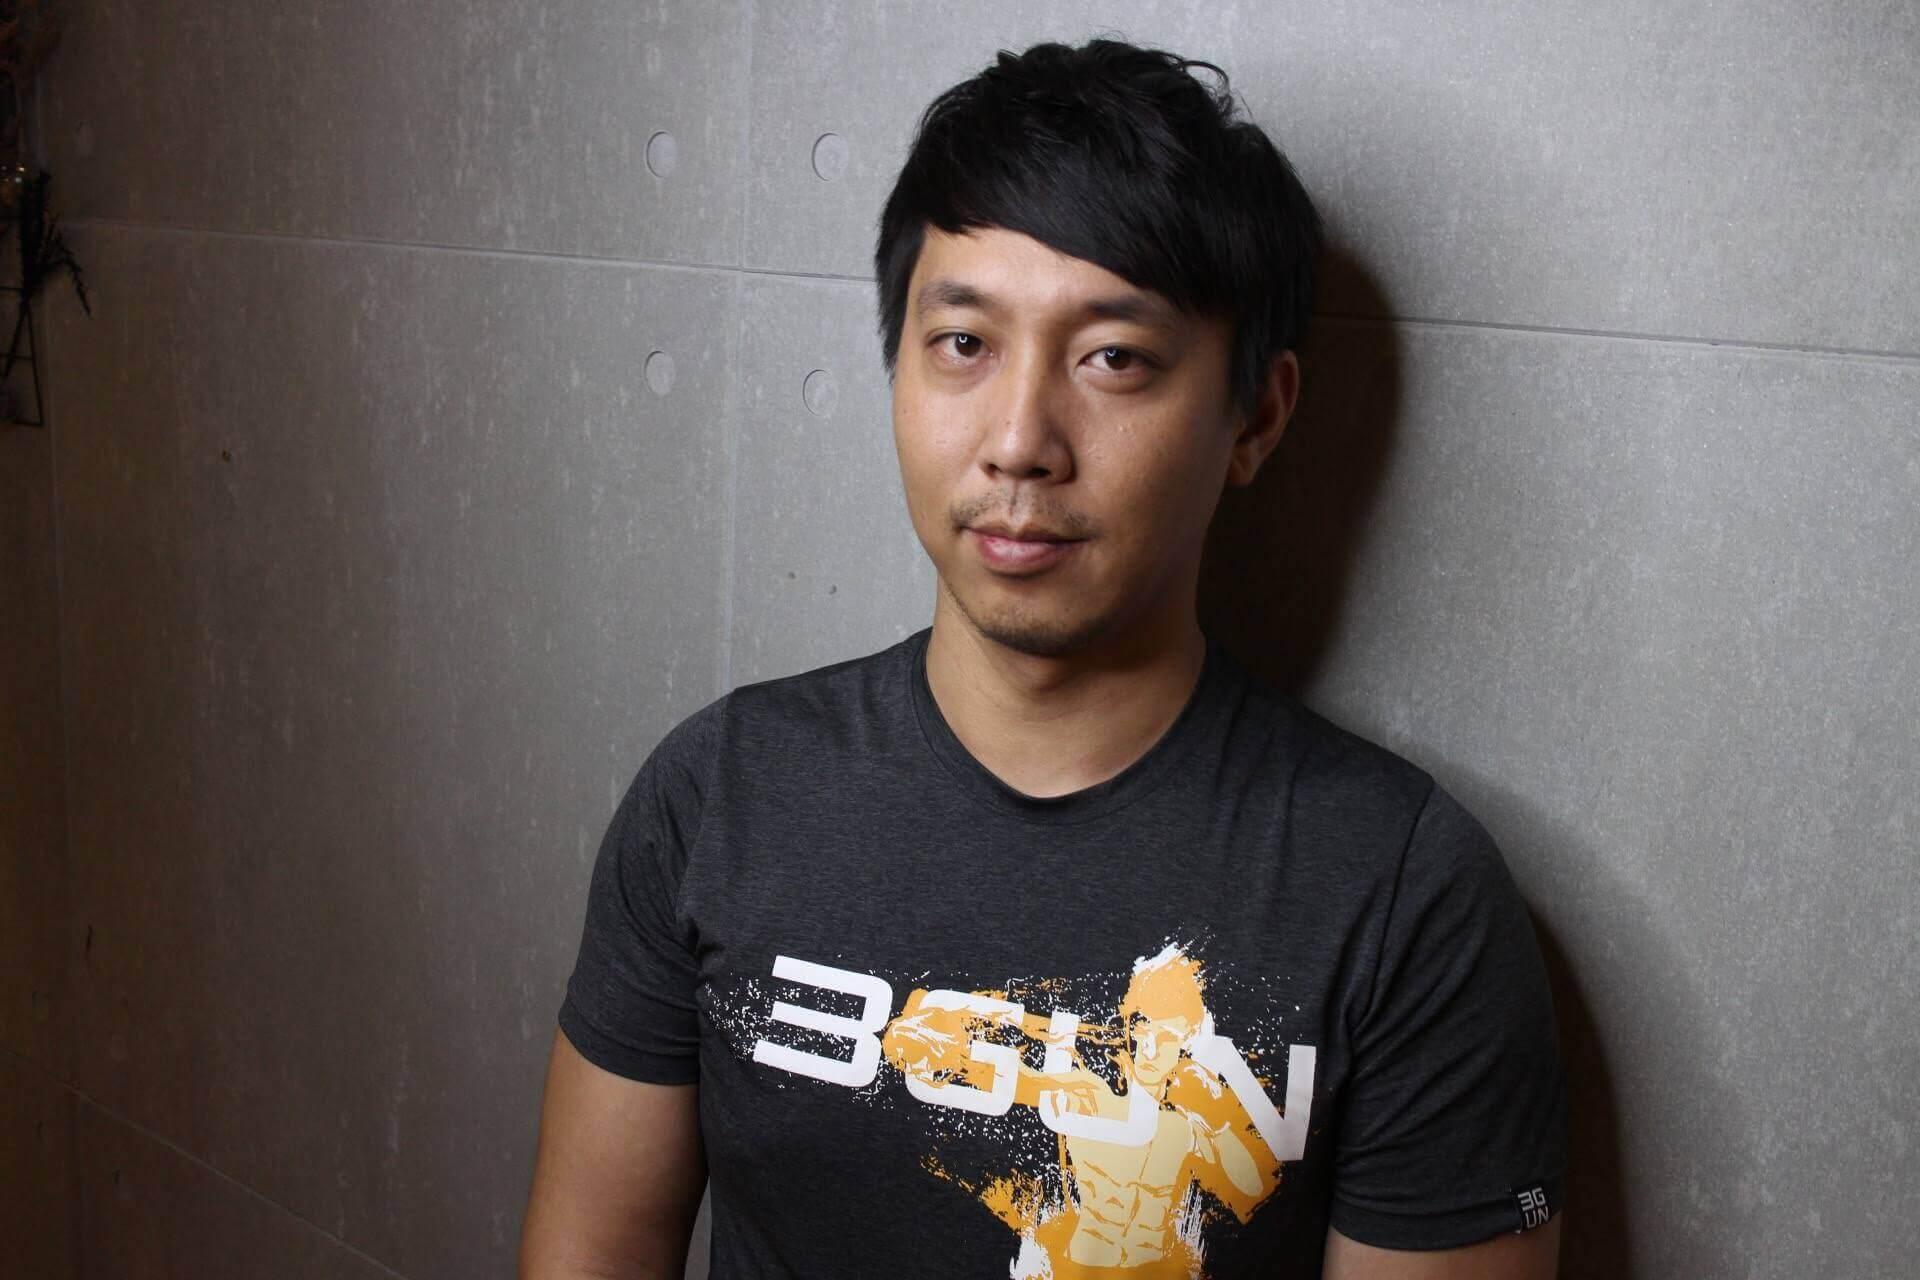 台北士林剪髮推薦-CINCO髮廊-頭皮去角質保養、士林造型剪髮魔髮師 @秤瓶樂遊遊